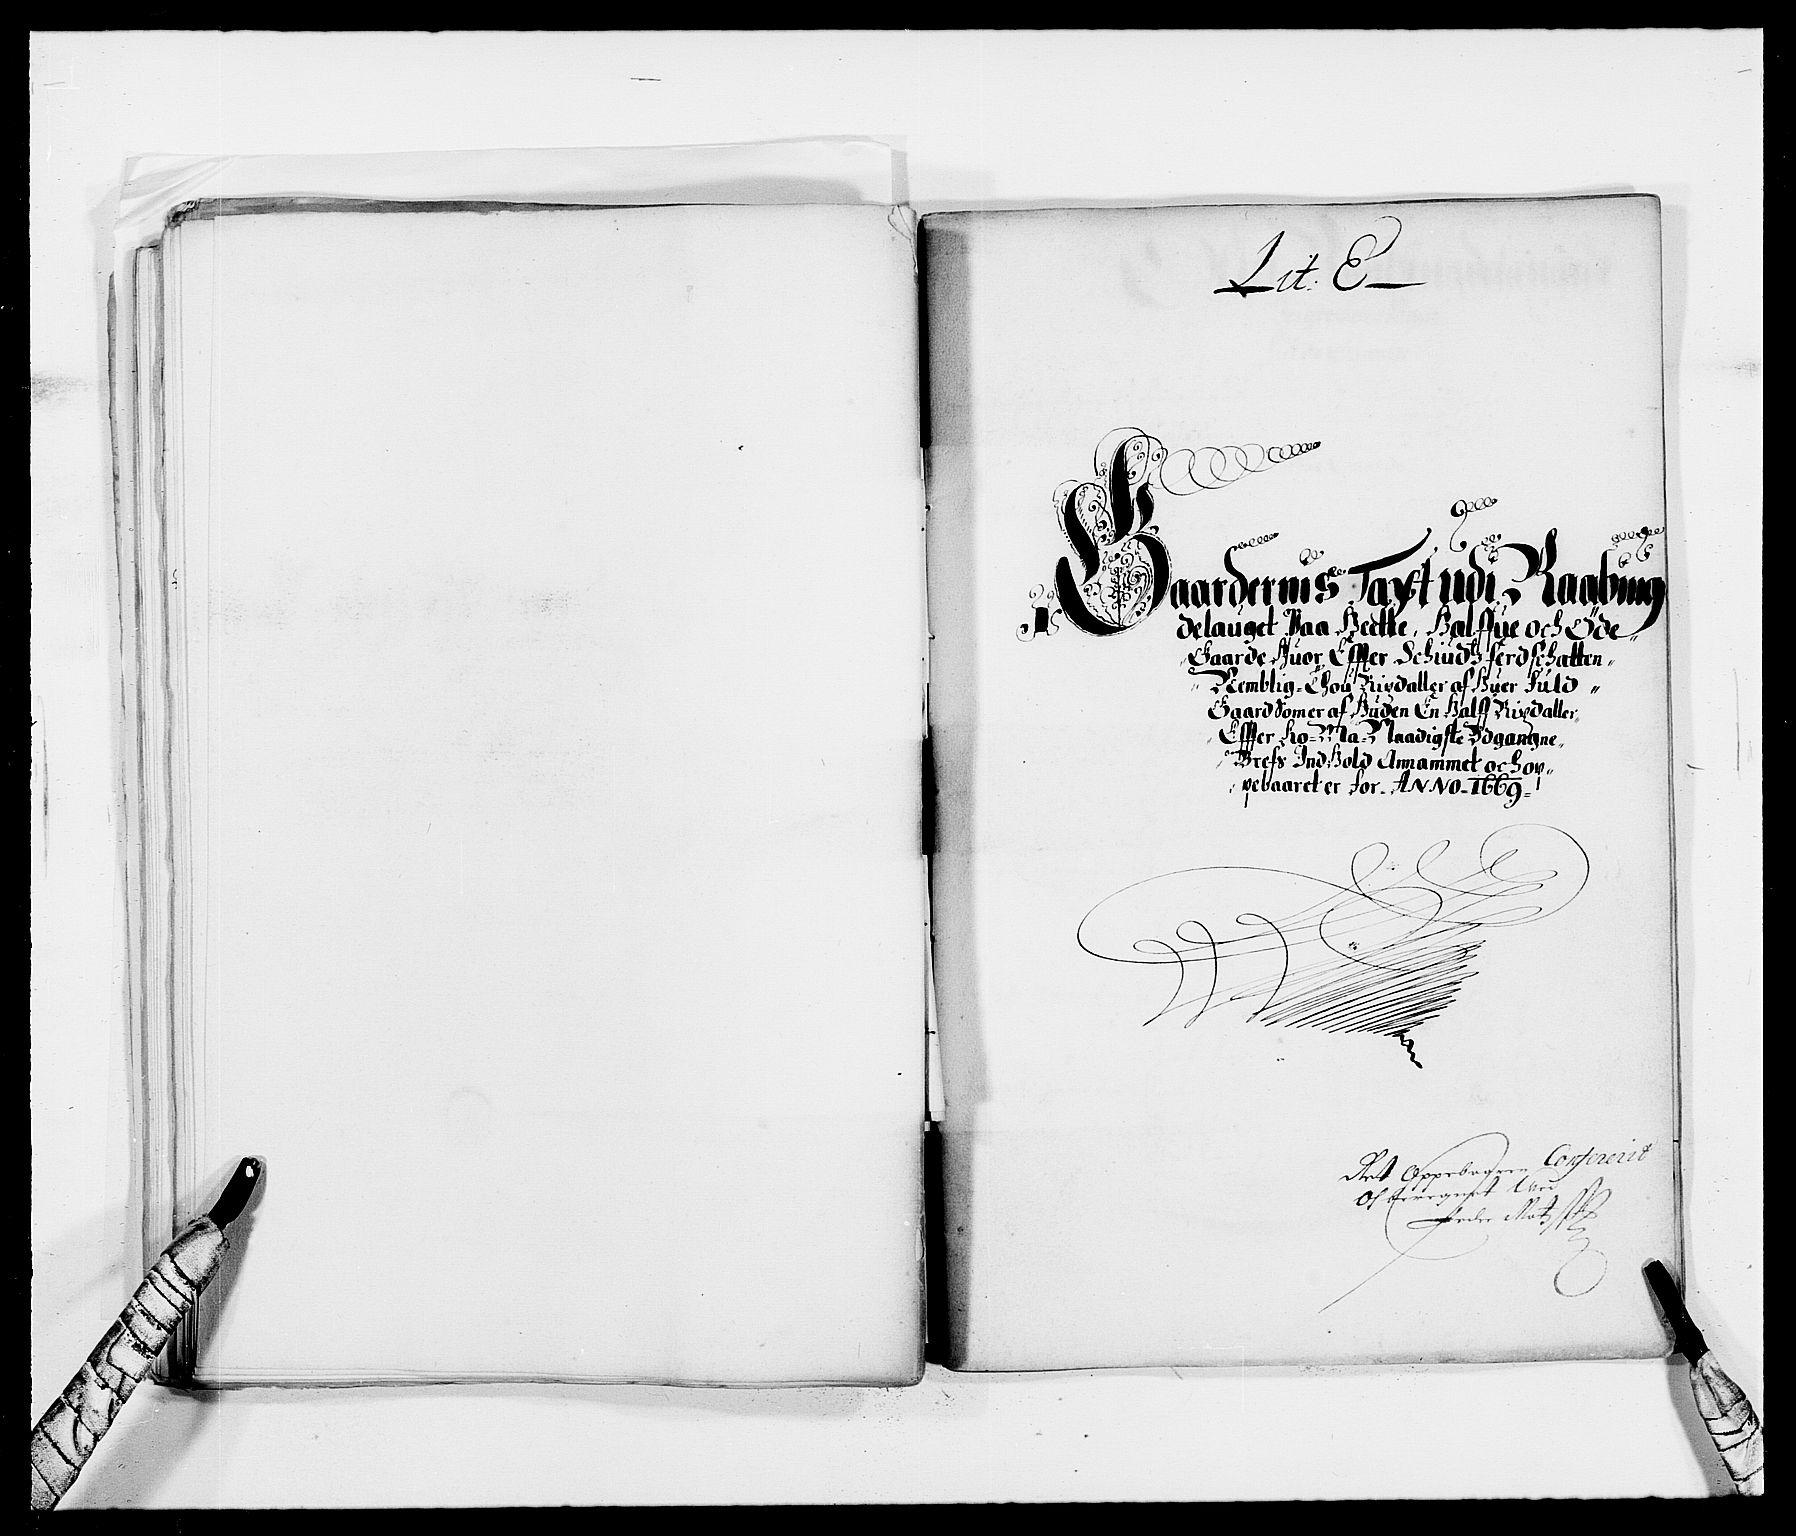 RA, Rentekammeret inntil 1814, Reviderte regnskaper, Fogderegnskap, R40/L2432: Fogderegnskap Råbyggelag, 1669-1670, s. 102